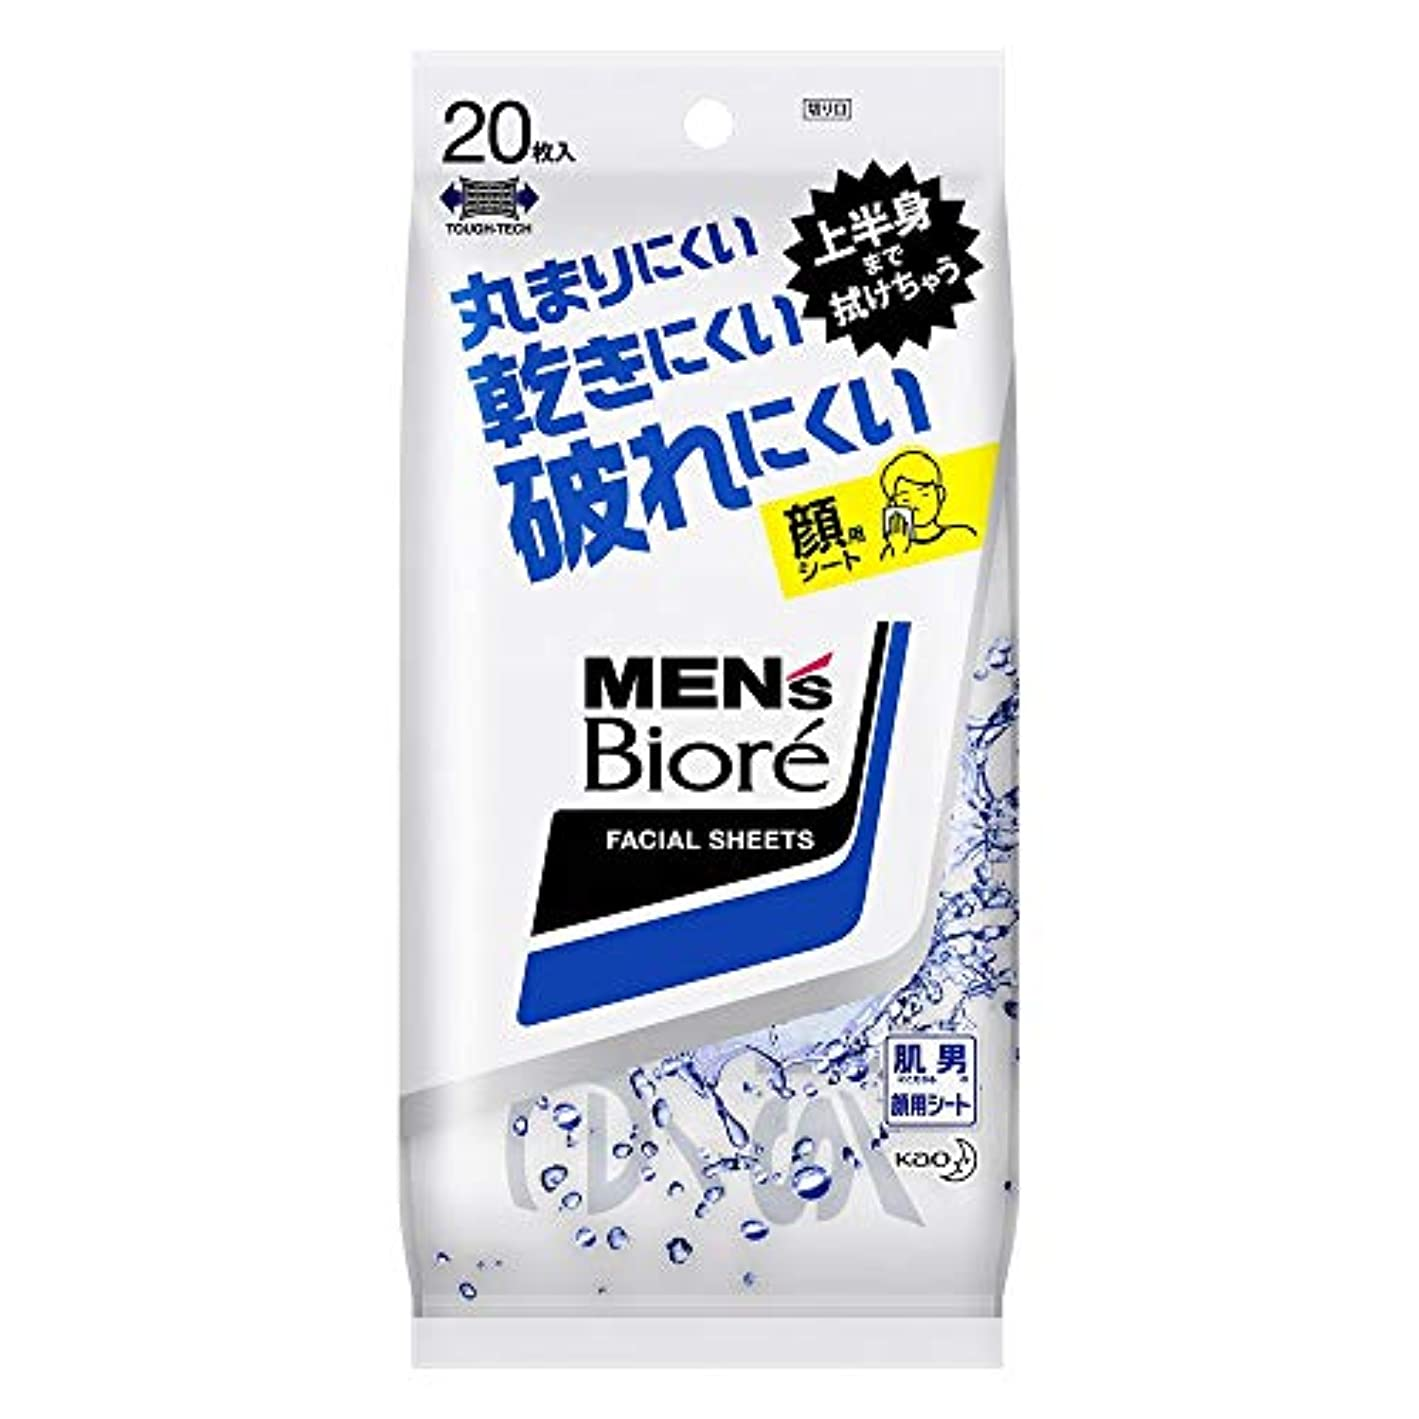 緯度メタルラインコンピューター花王 メンズビオレ 洗顔シート 携帯用 20枚